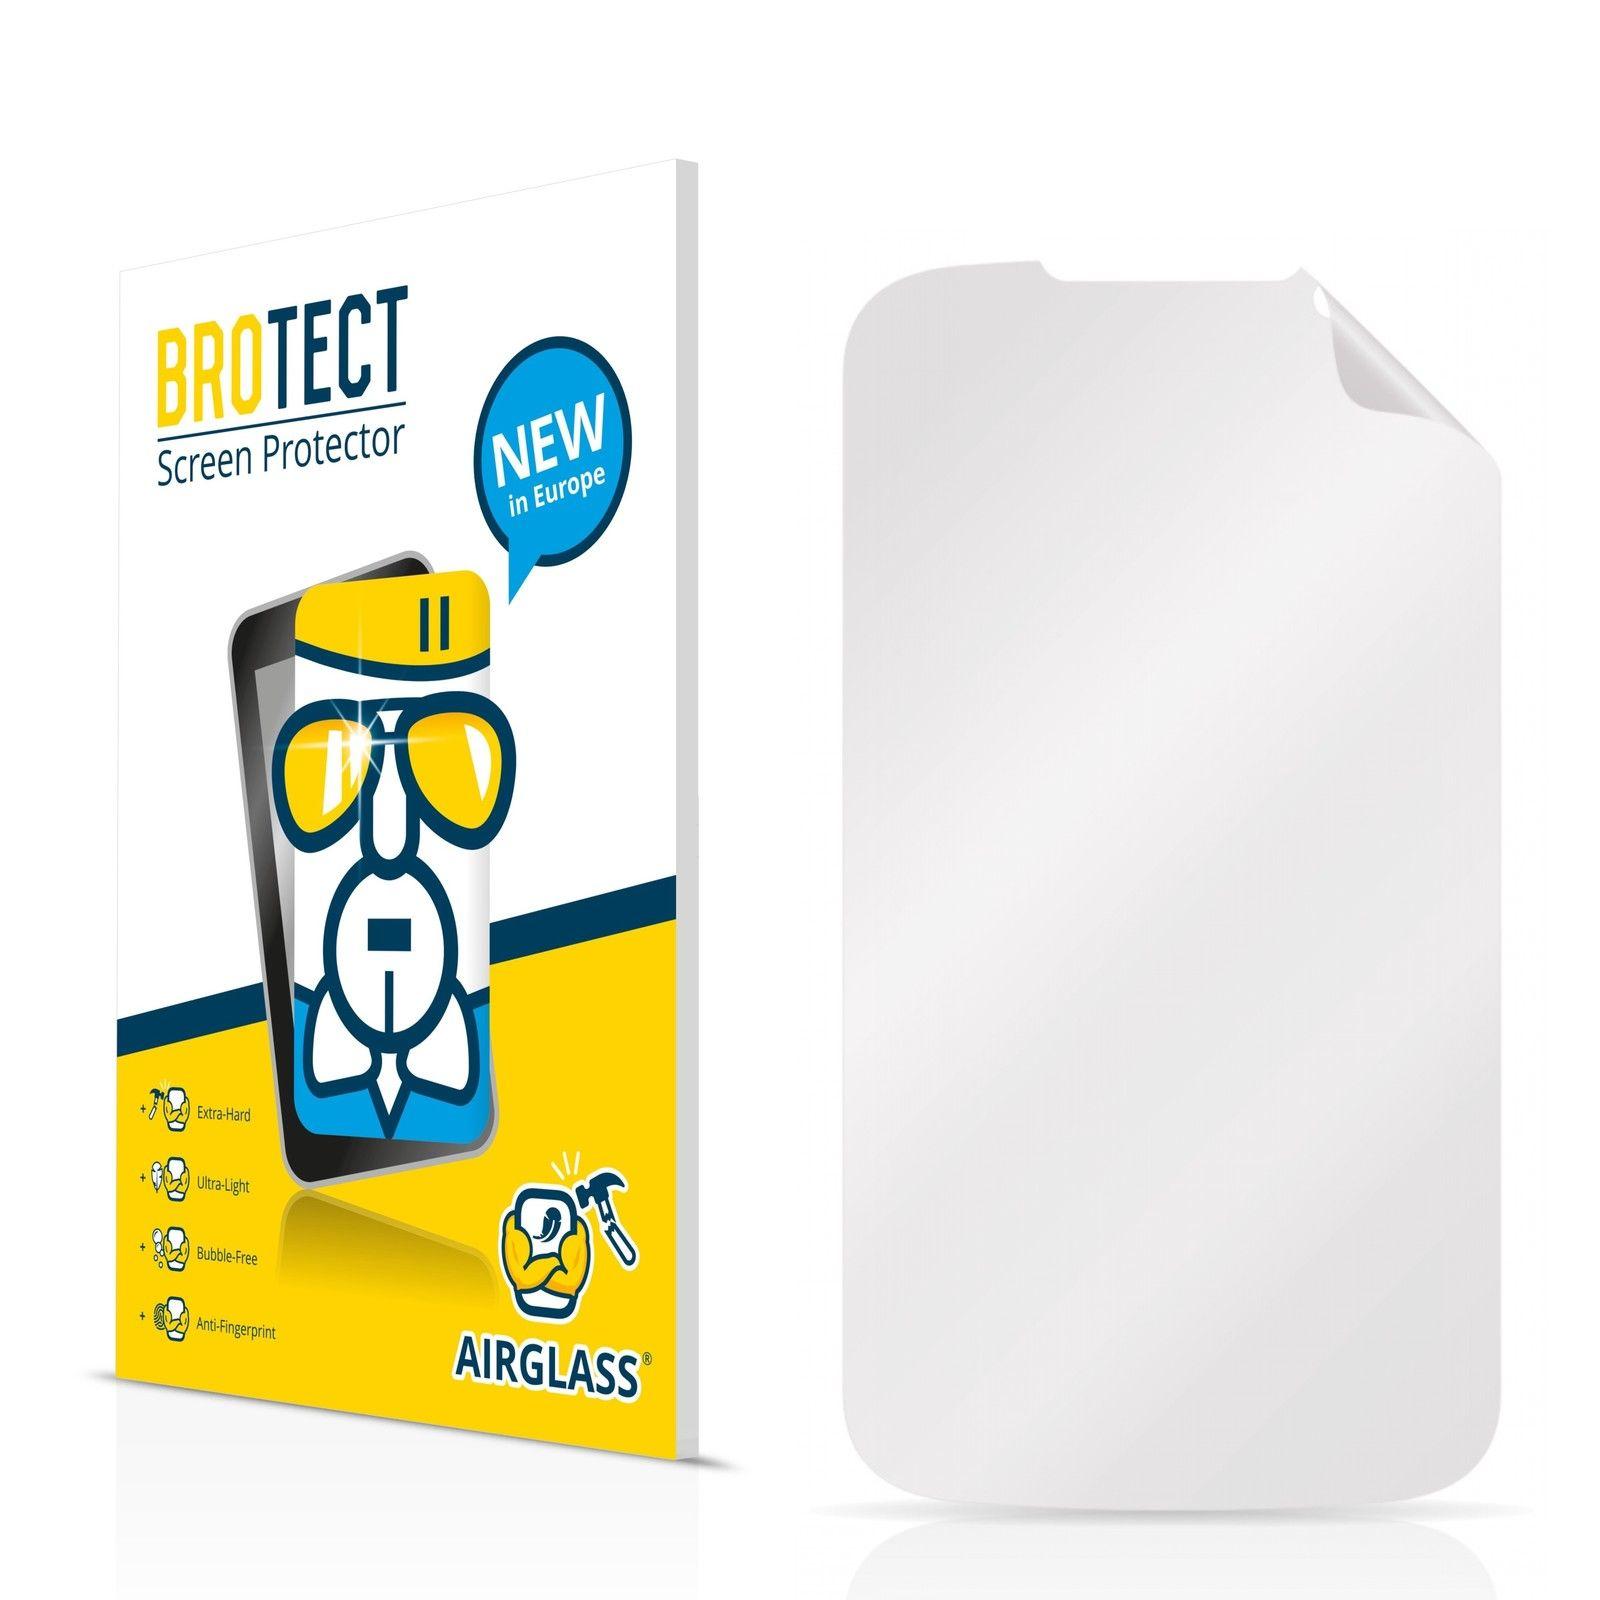 Extra tvrzená ochranná fólie (tvrzené sklo) AirGlass Brotec na LCD pro Prestigio MultiPhone 3400 DUO